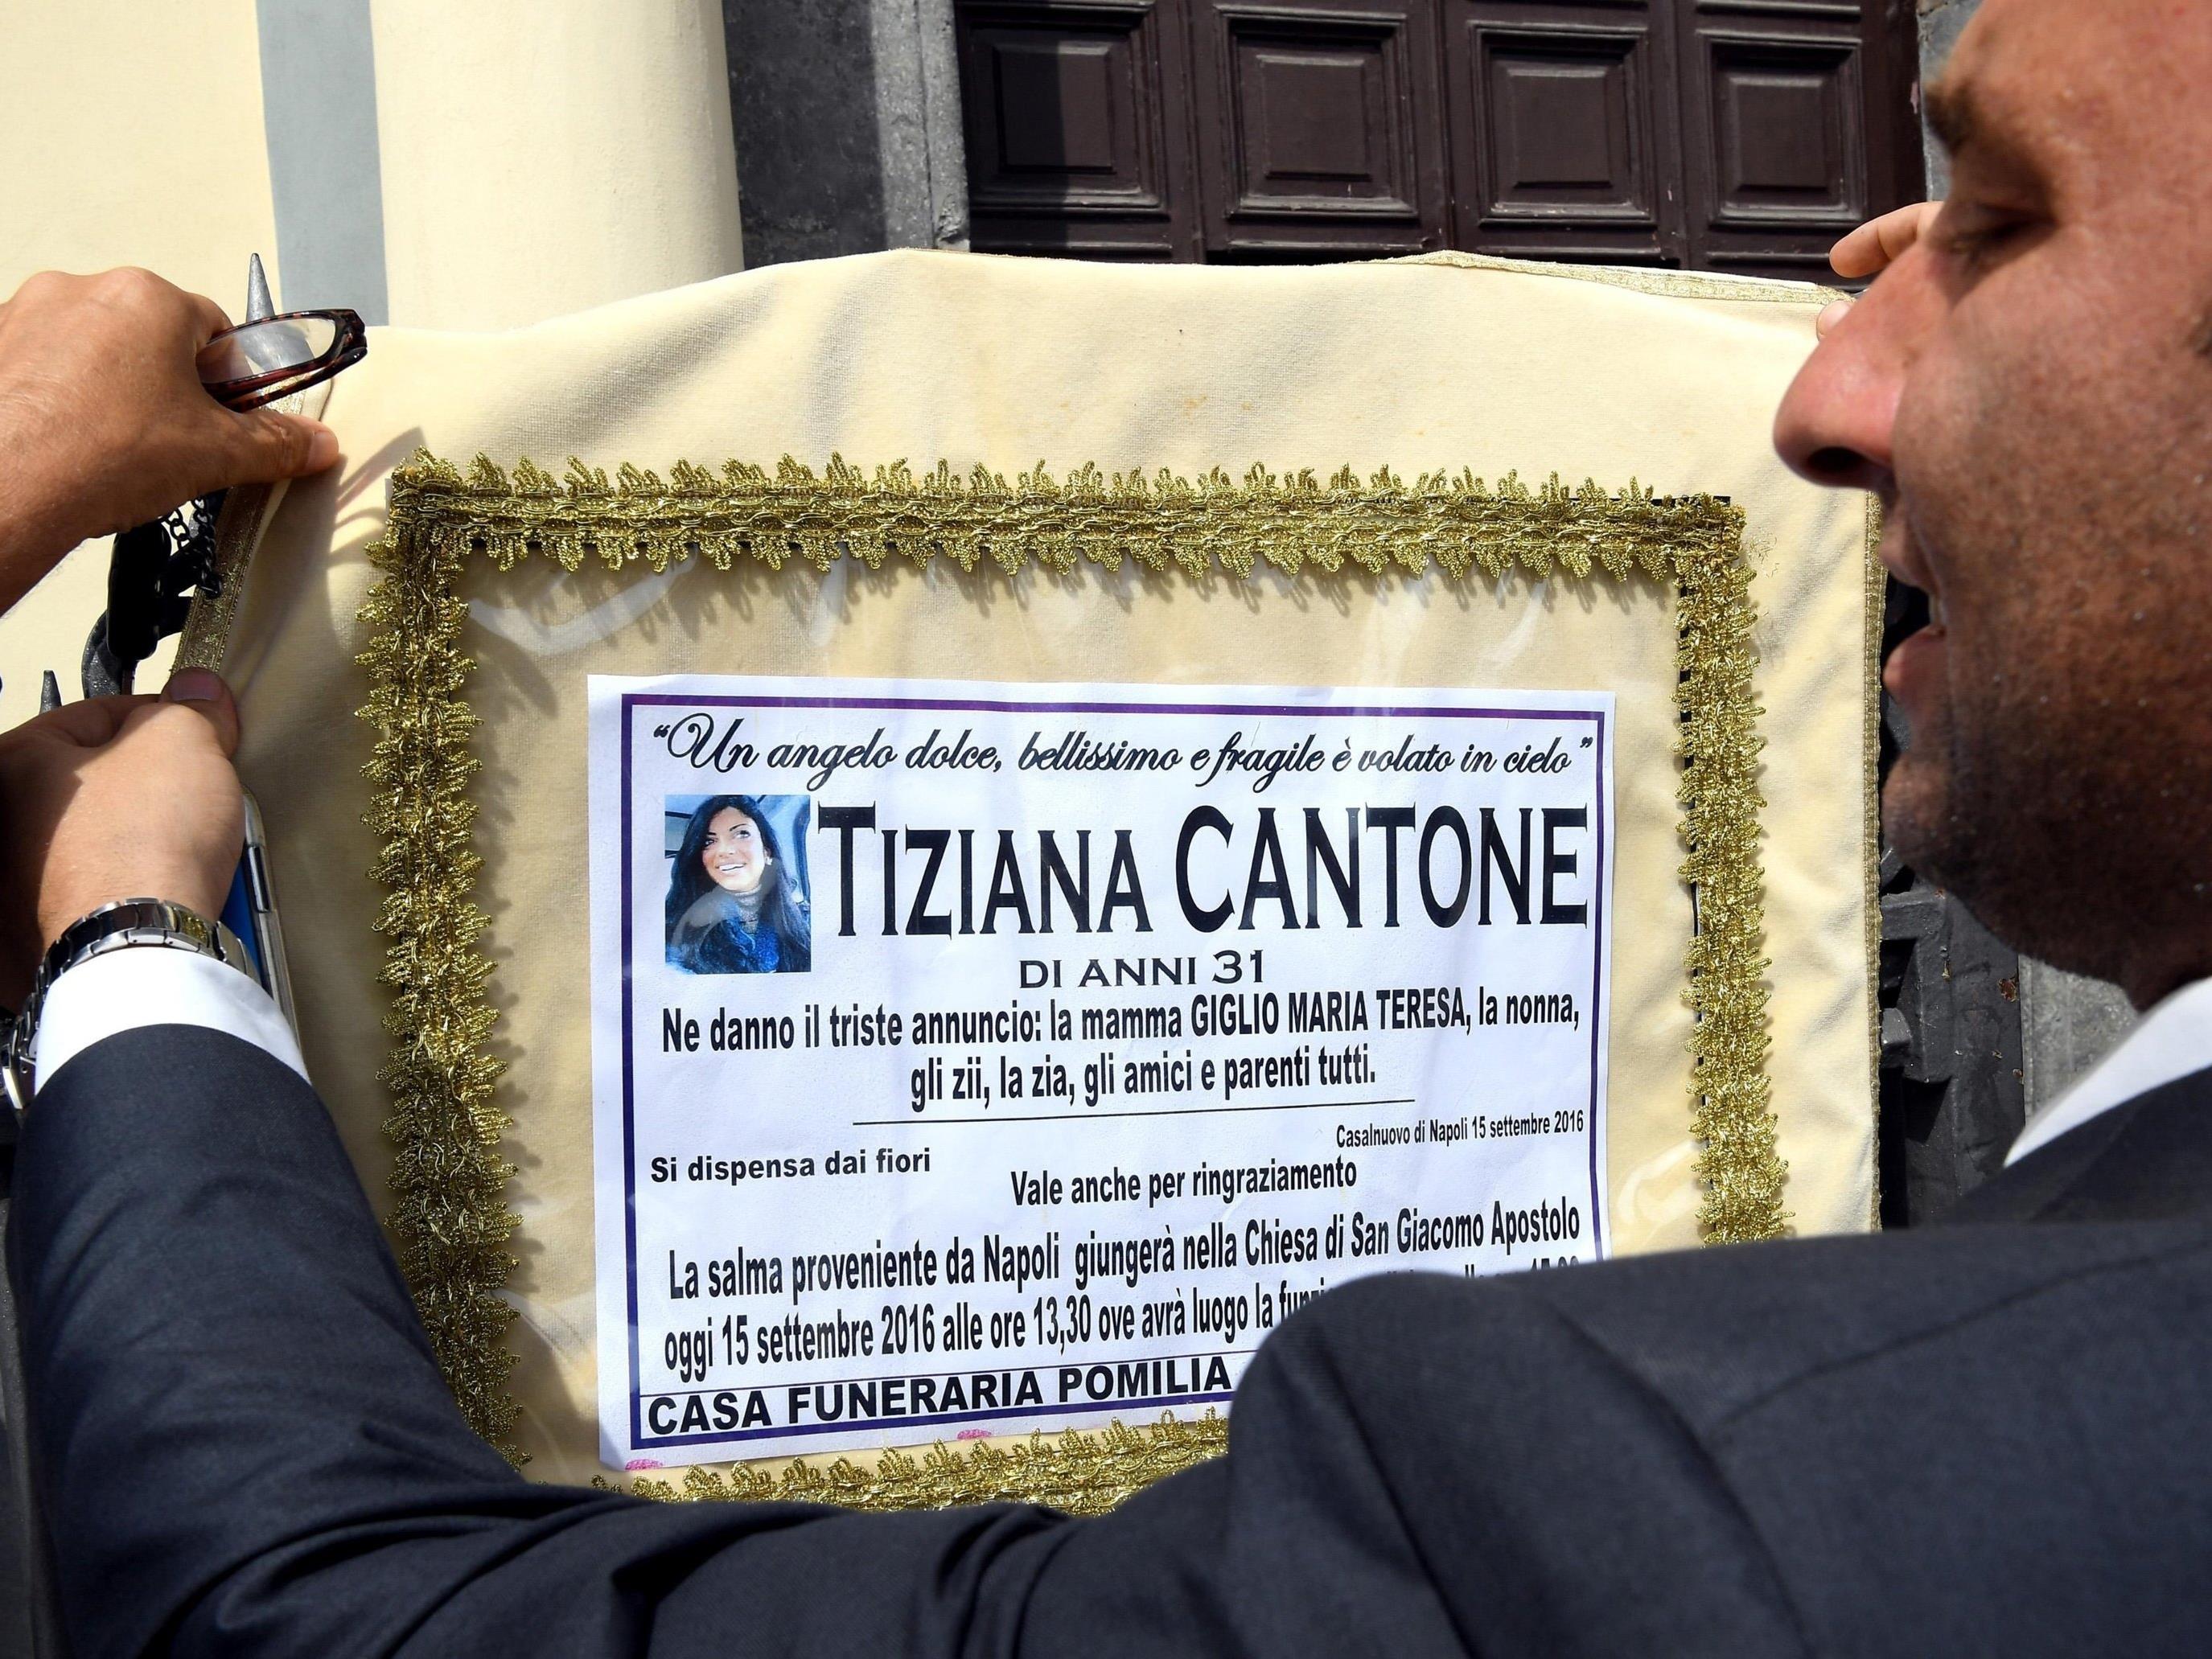 Die 31-jährige Tiziana Cantone erhängte sich, weil sie die öffentliche Demütigung nicht mehr ertrug, nachdem ein Sexvideo von ihr im Netz veröffentlicht wurde.